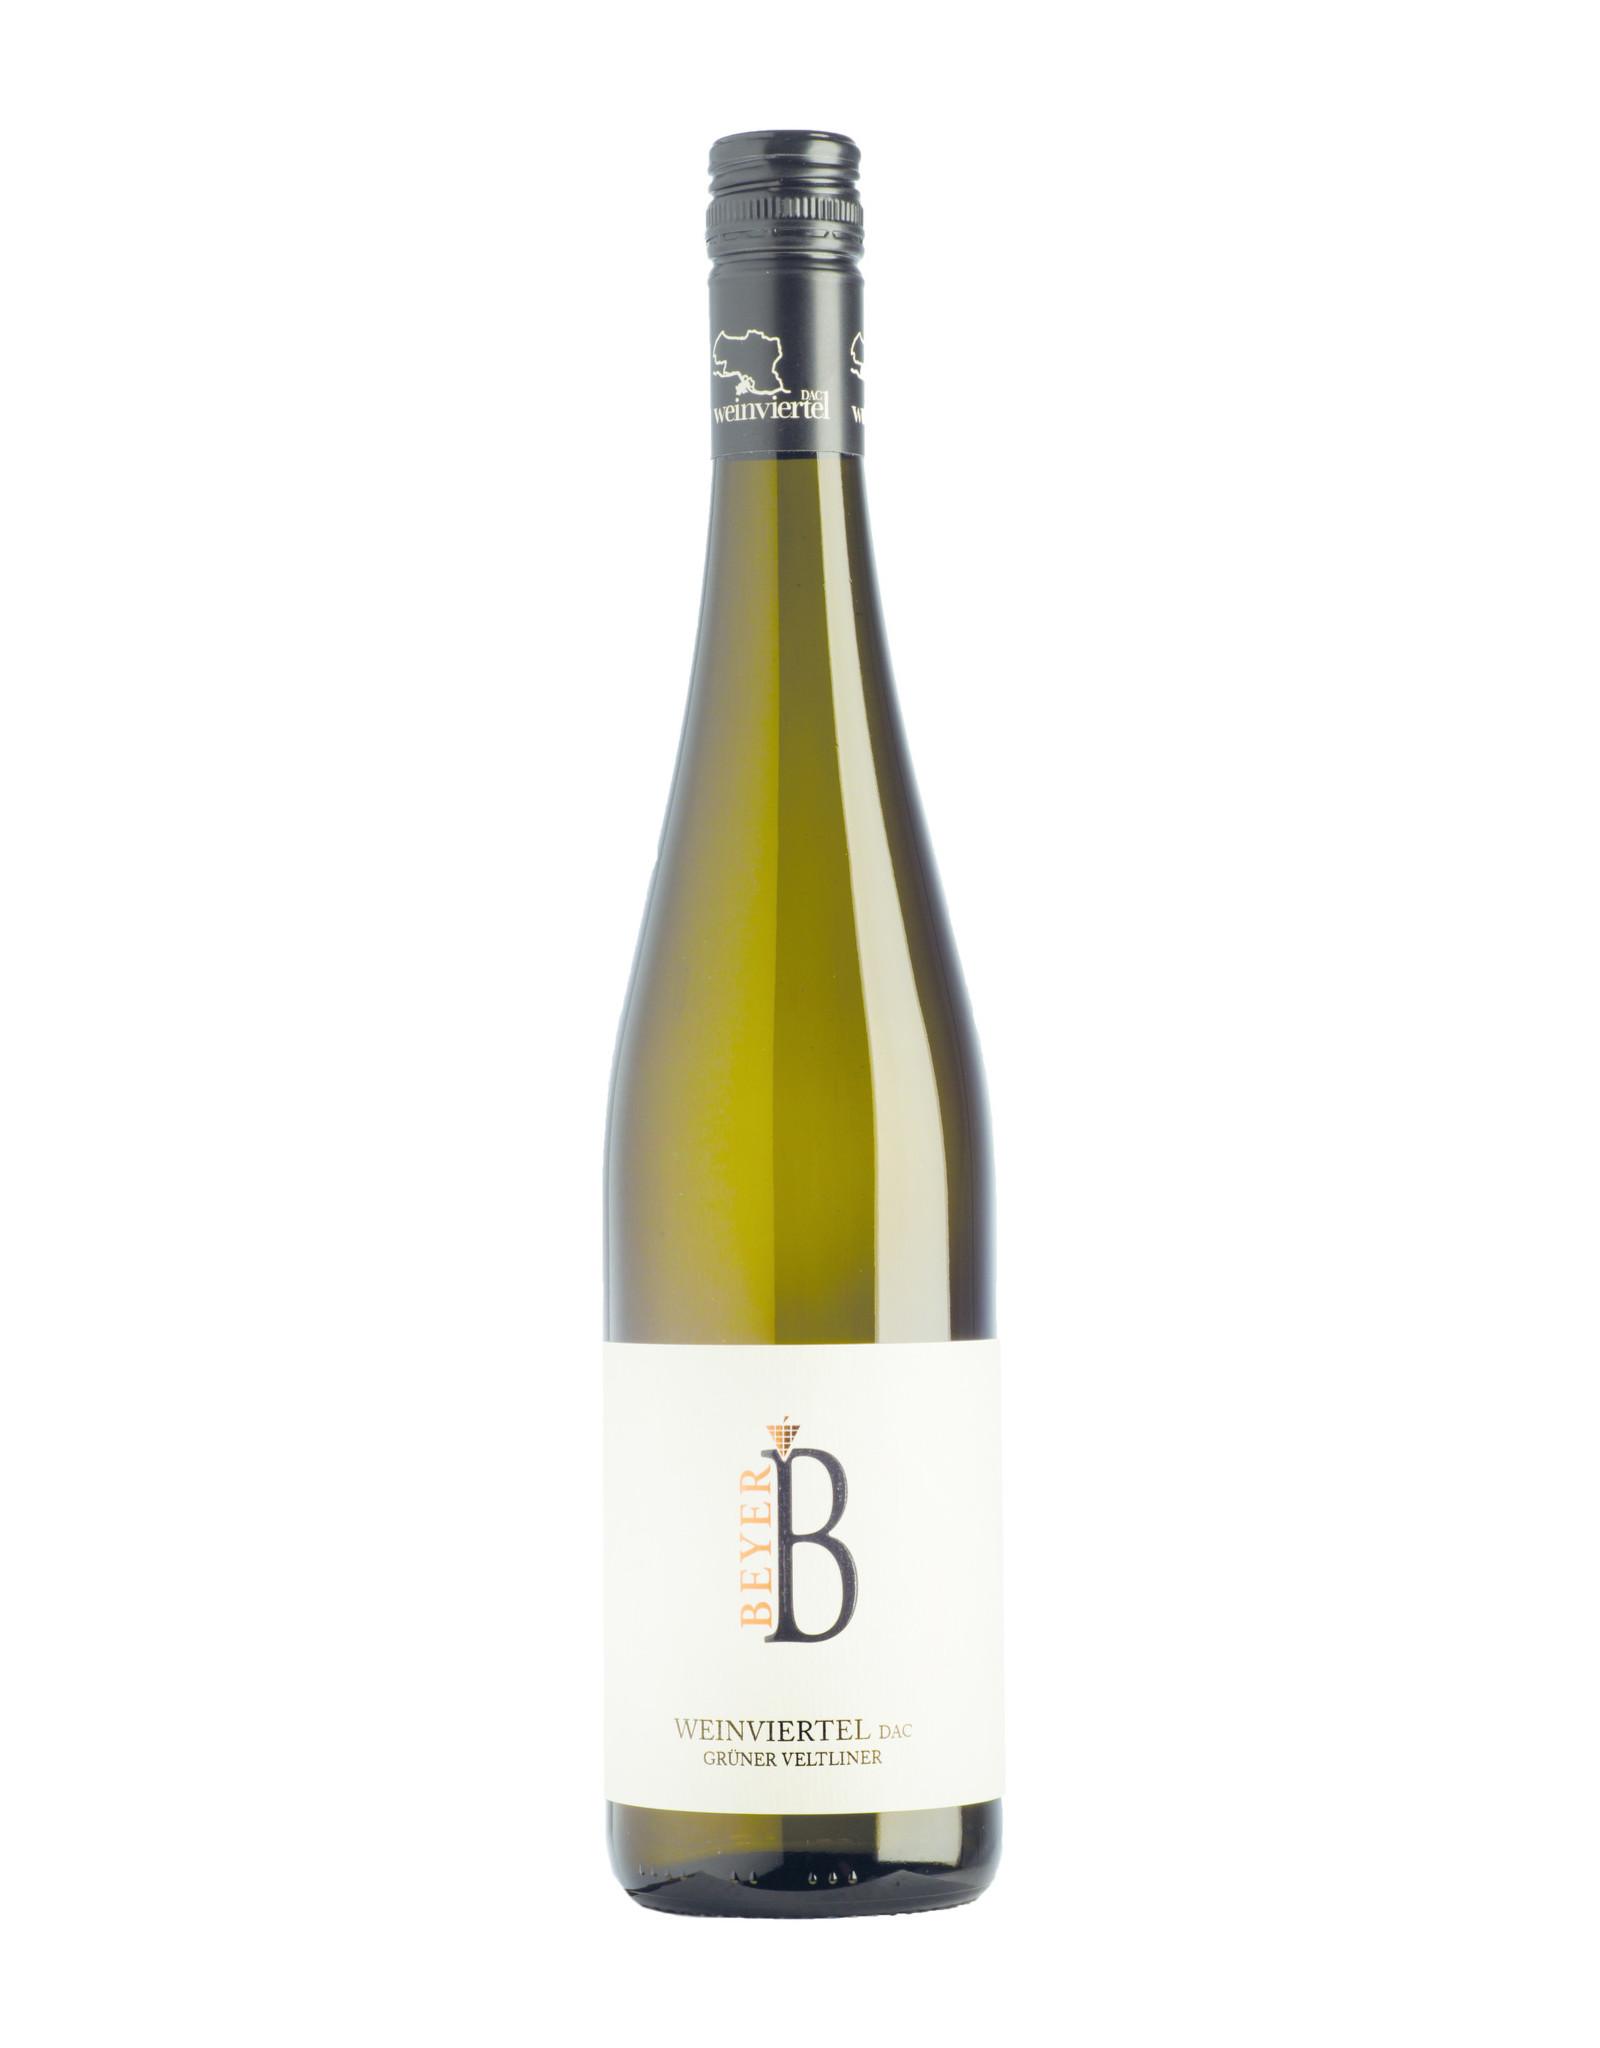 Beyer Beyer - Weinviertel DAC Grüner Veltliner 2020